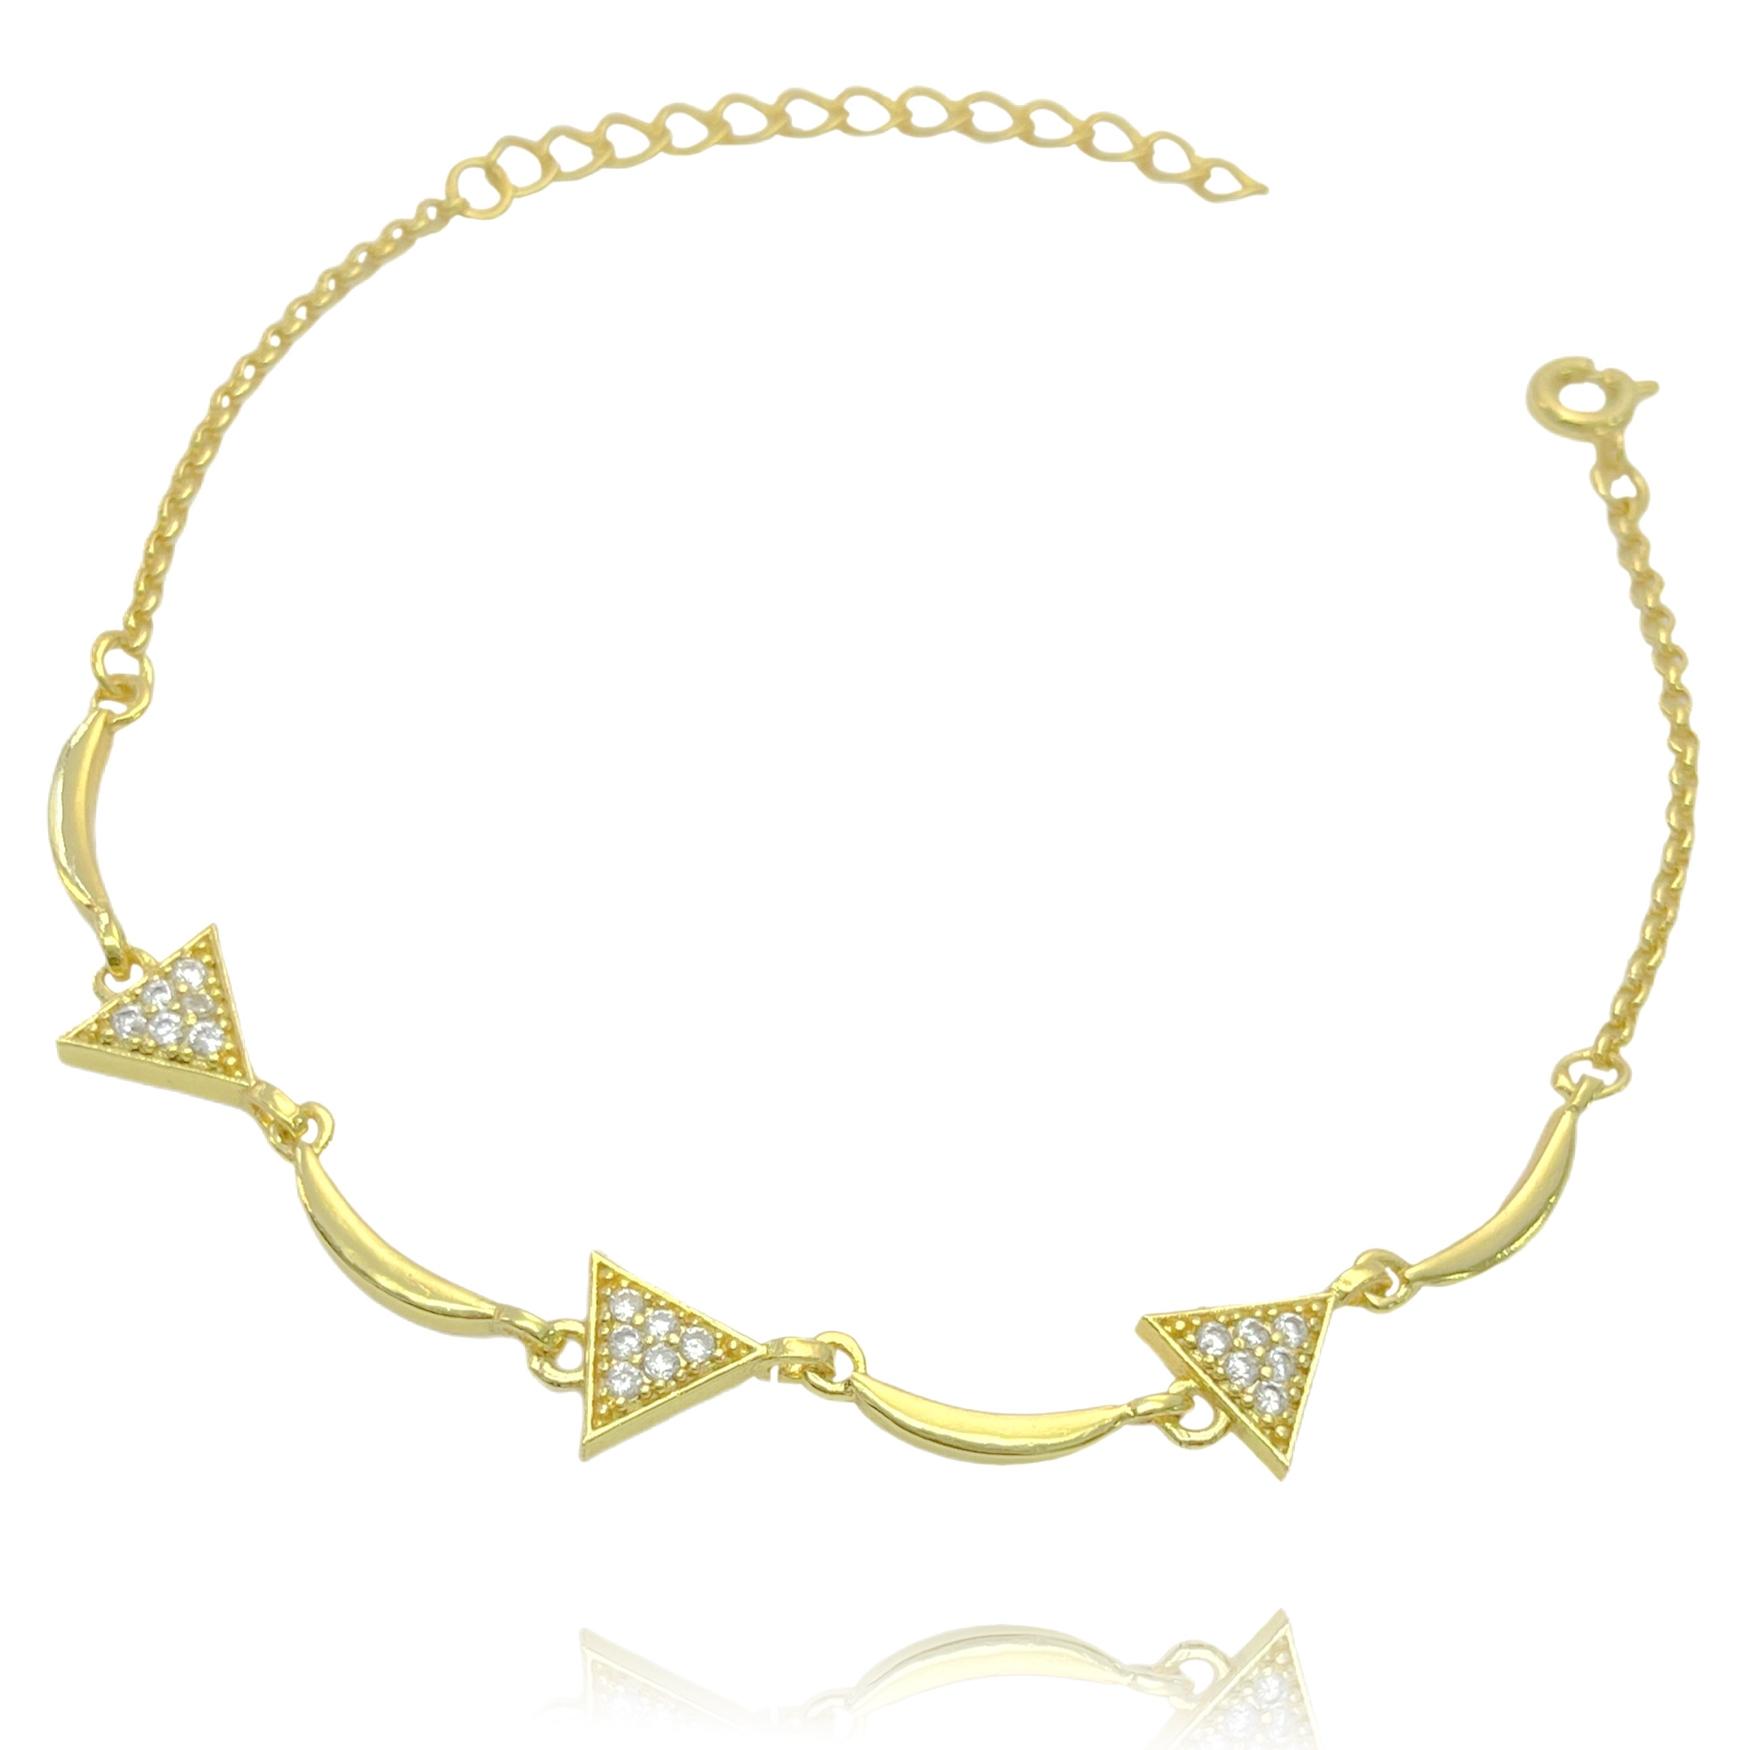 Pulseira Triângulos Cravejados em Zircônia (Banho Ouro 24k)